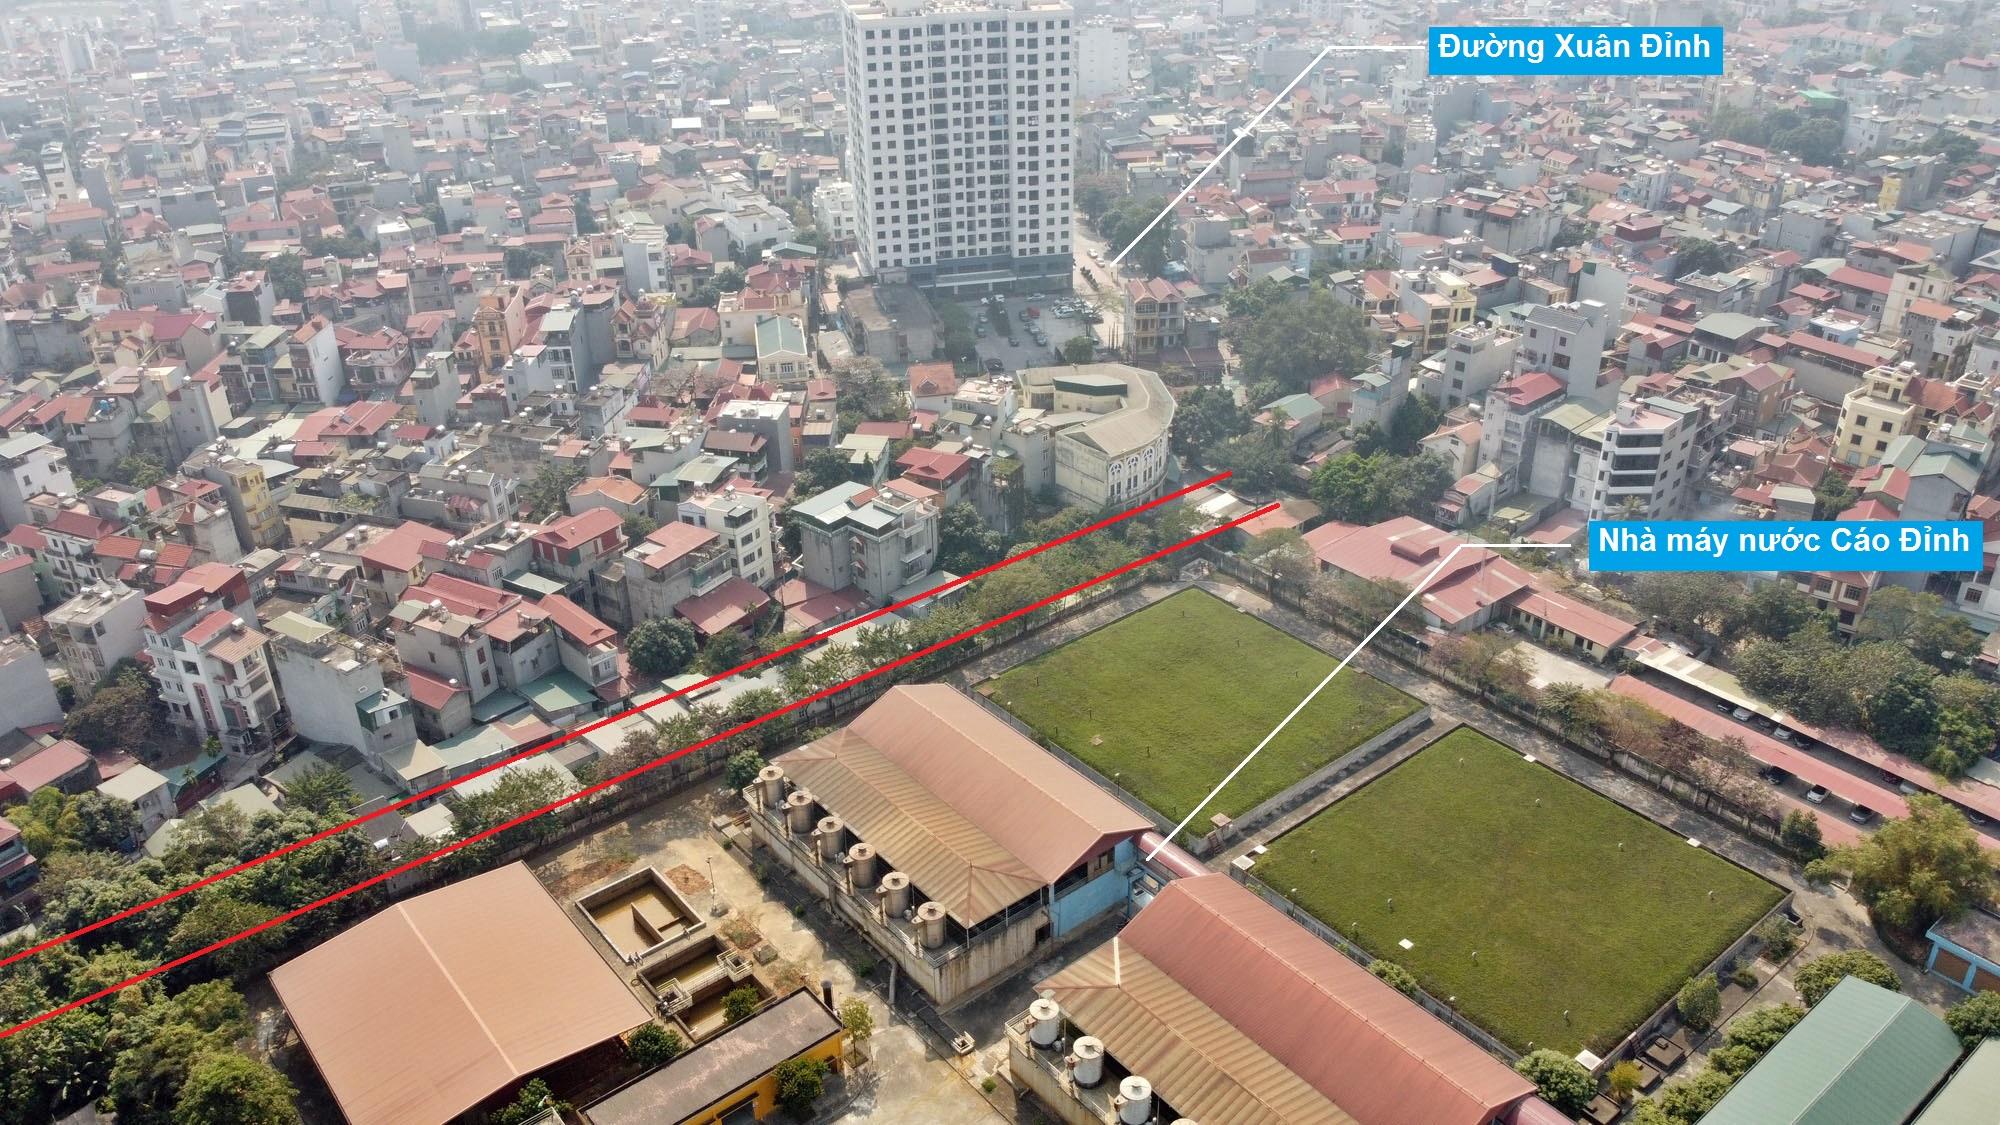 Ba đường sẽ mở theo qui hoạch ở phường Xuân Đỉnh, Bắc Từ Liêm, Hà Nội (phần 2) - Ảnh 12.